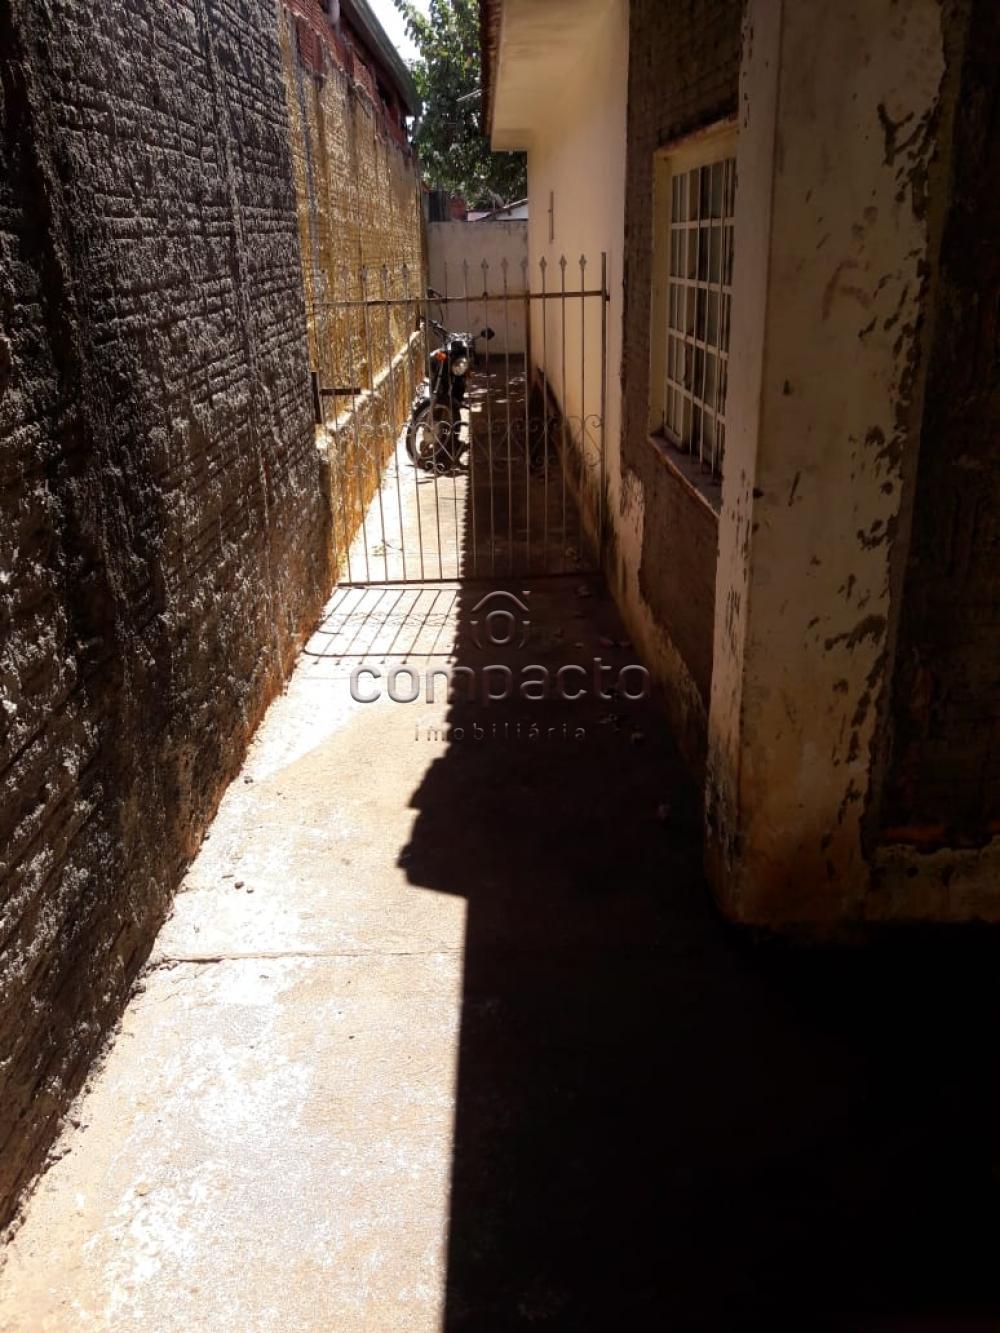 Comprar Casa / Padrão em São José do Rio Preto apenas R$ 140.000,00 - Foto 16